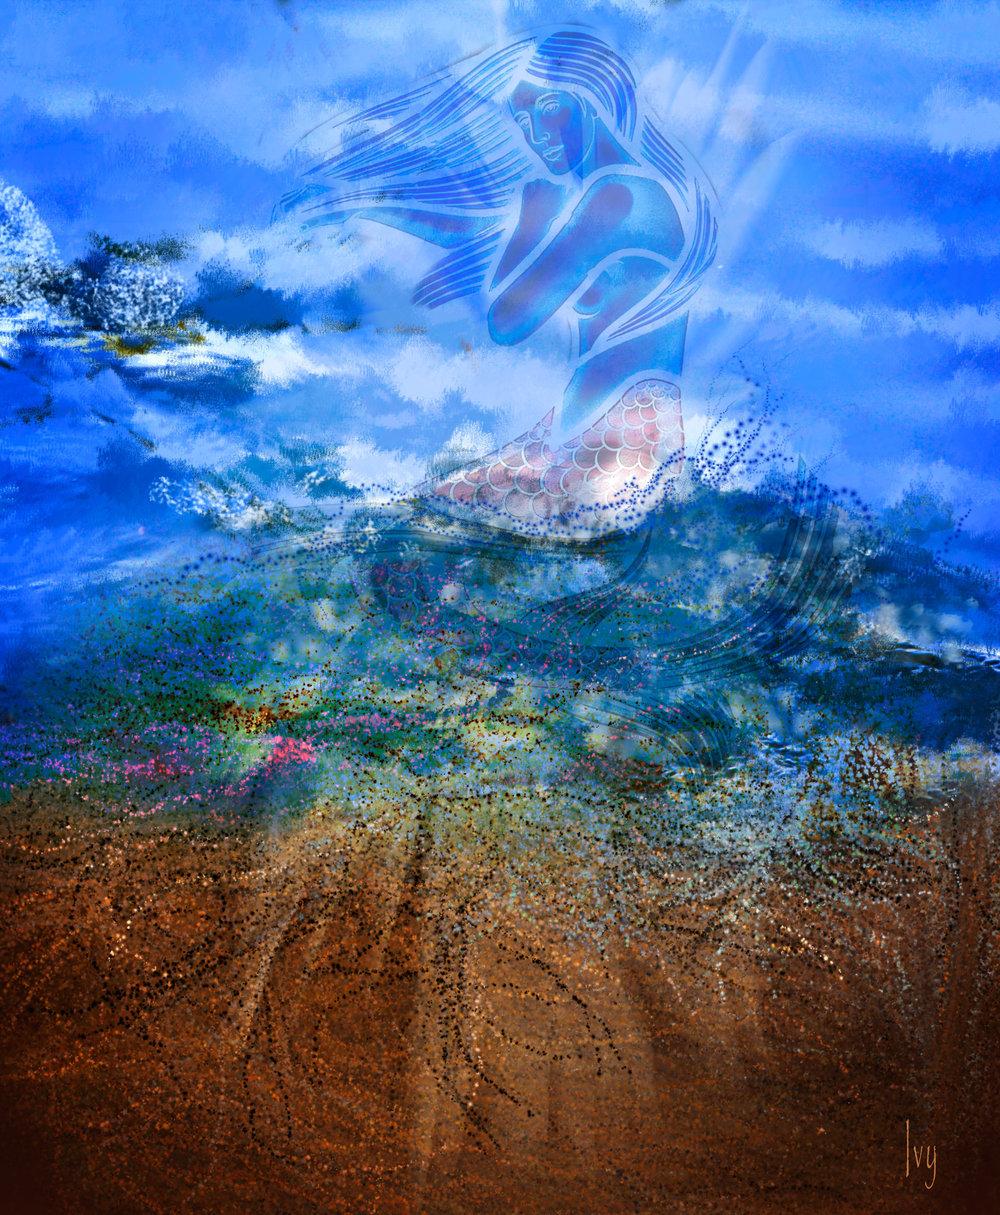 010_waterBG-4799_R1.jpg